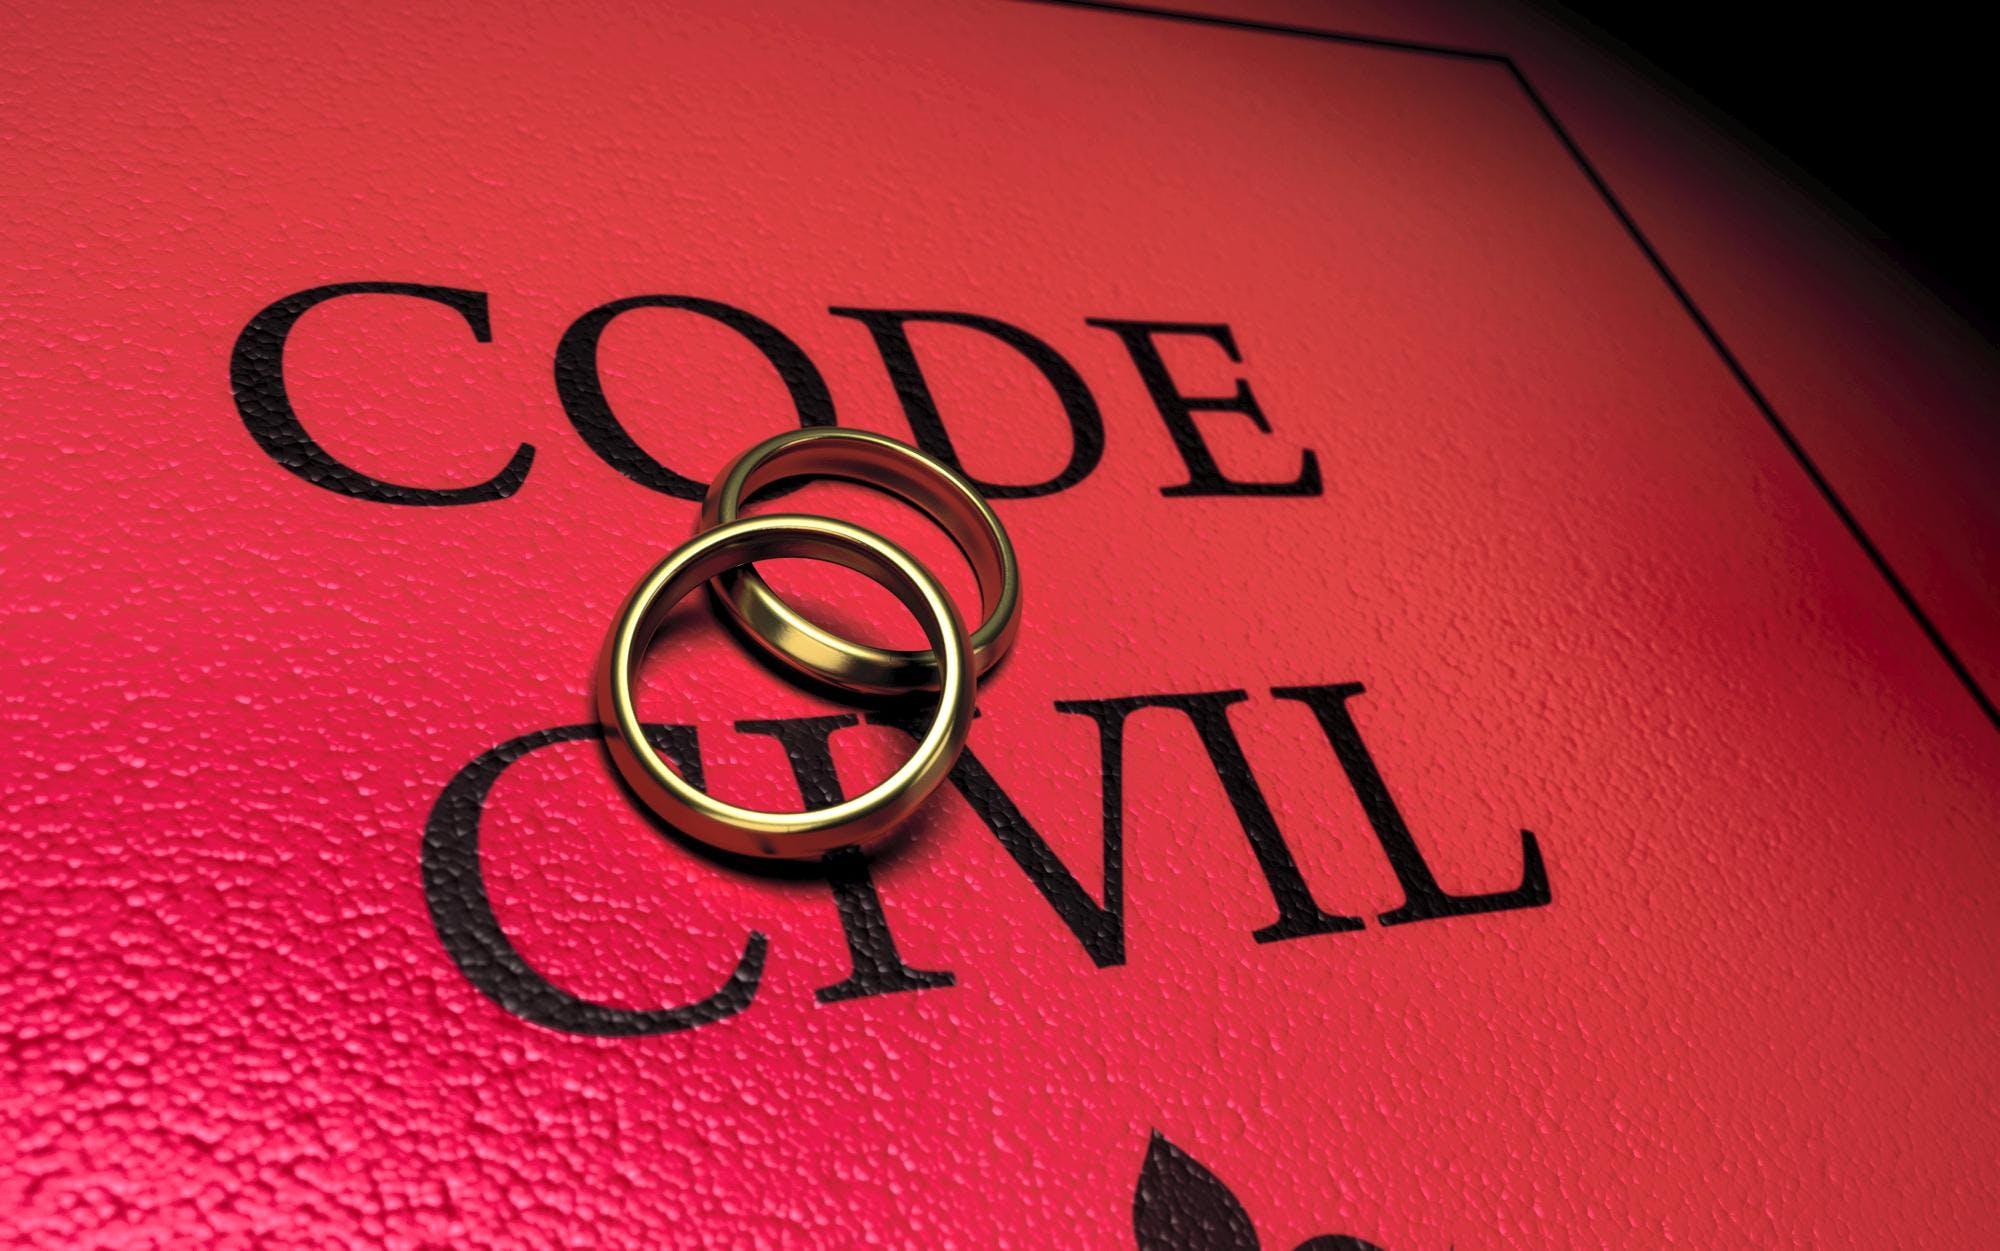 Bien Divorcer Calendrier 2019.Une Reforme Pour Simplifier Les Divorces Contentieux